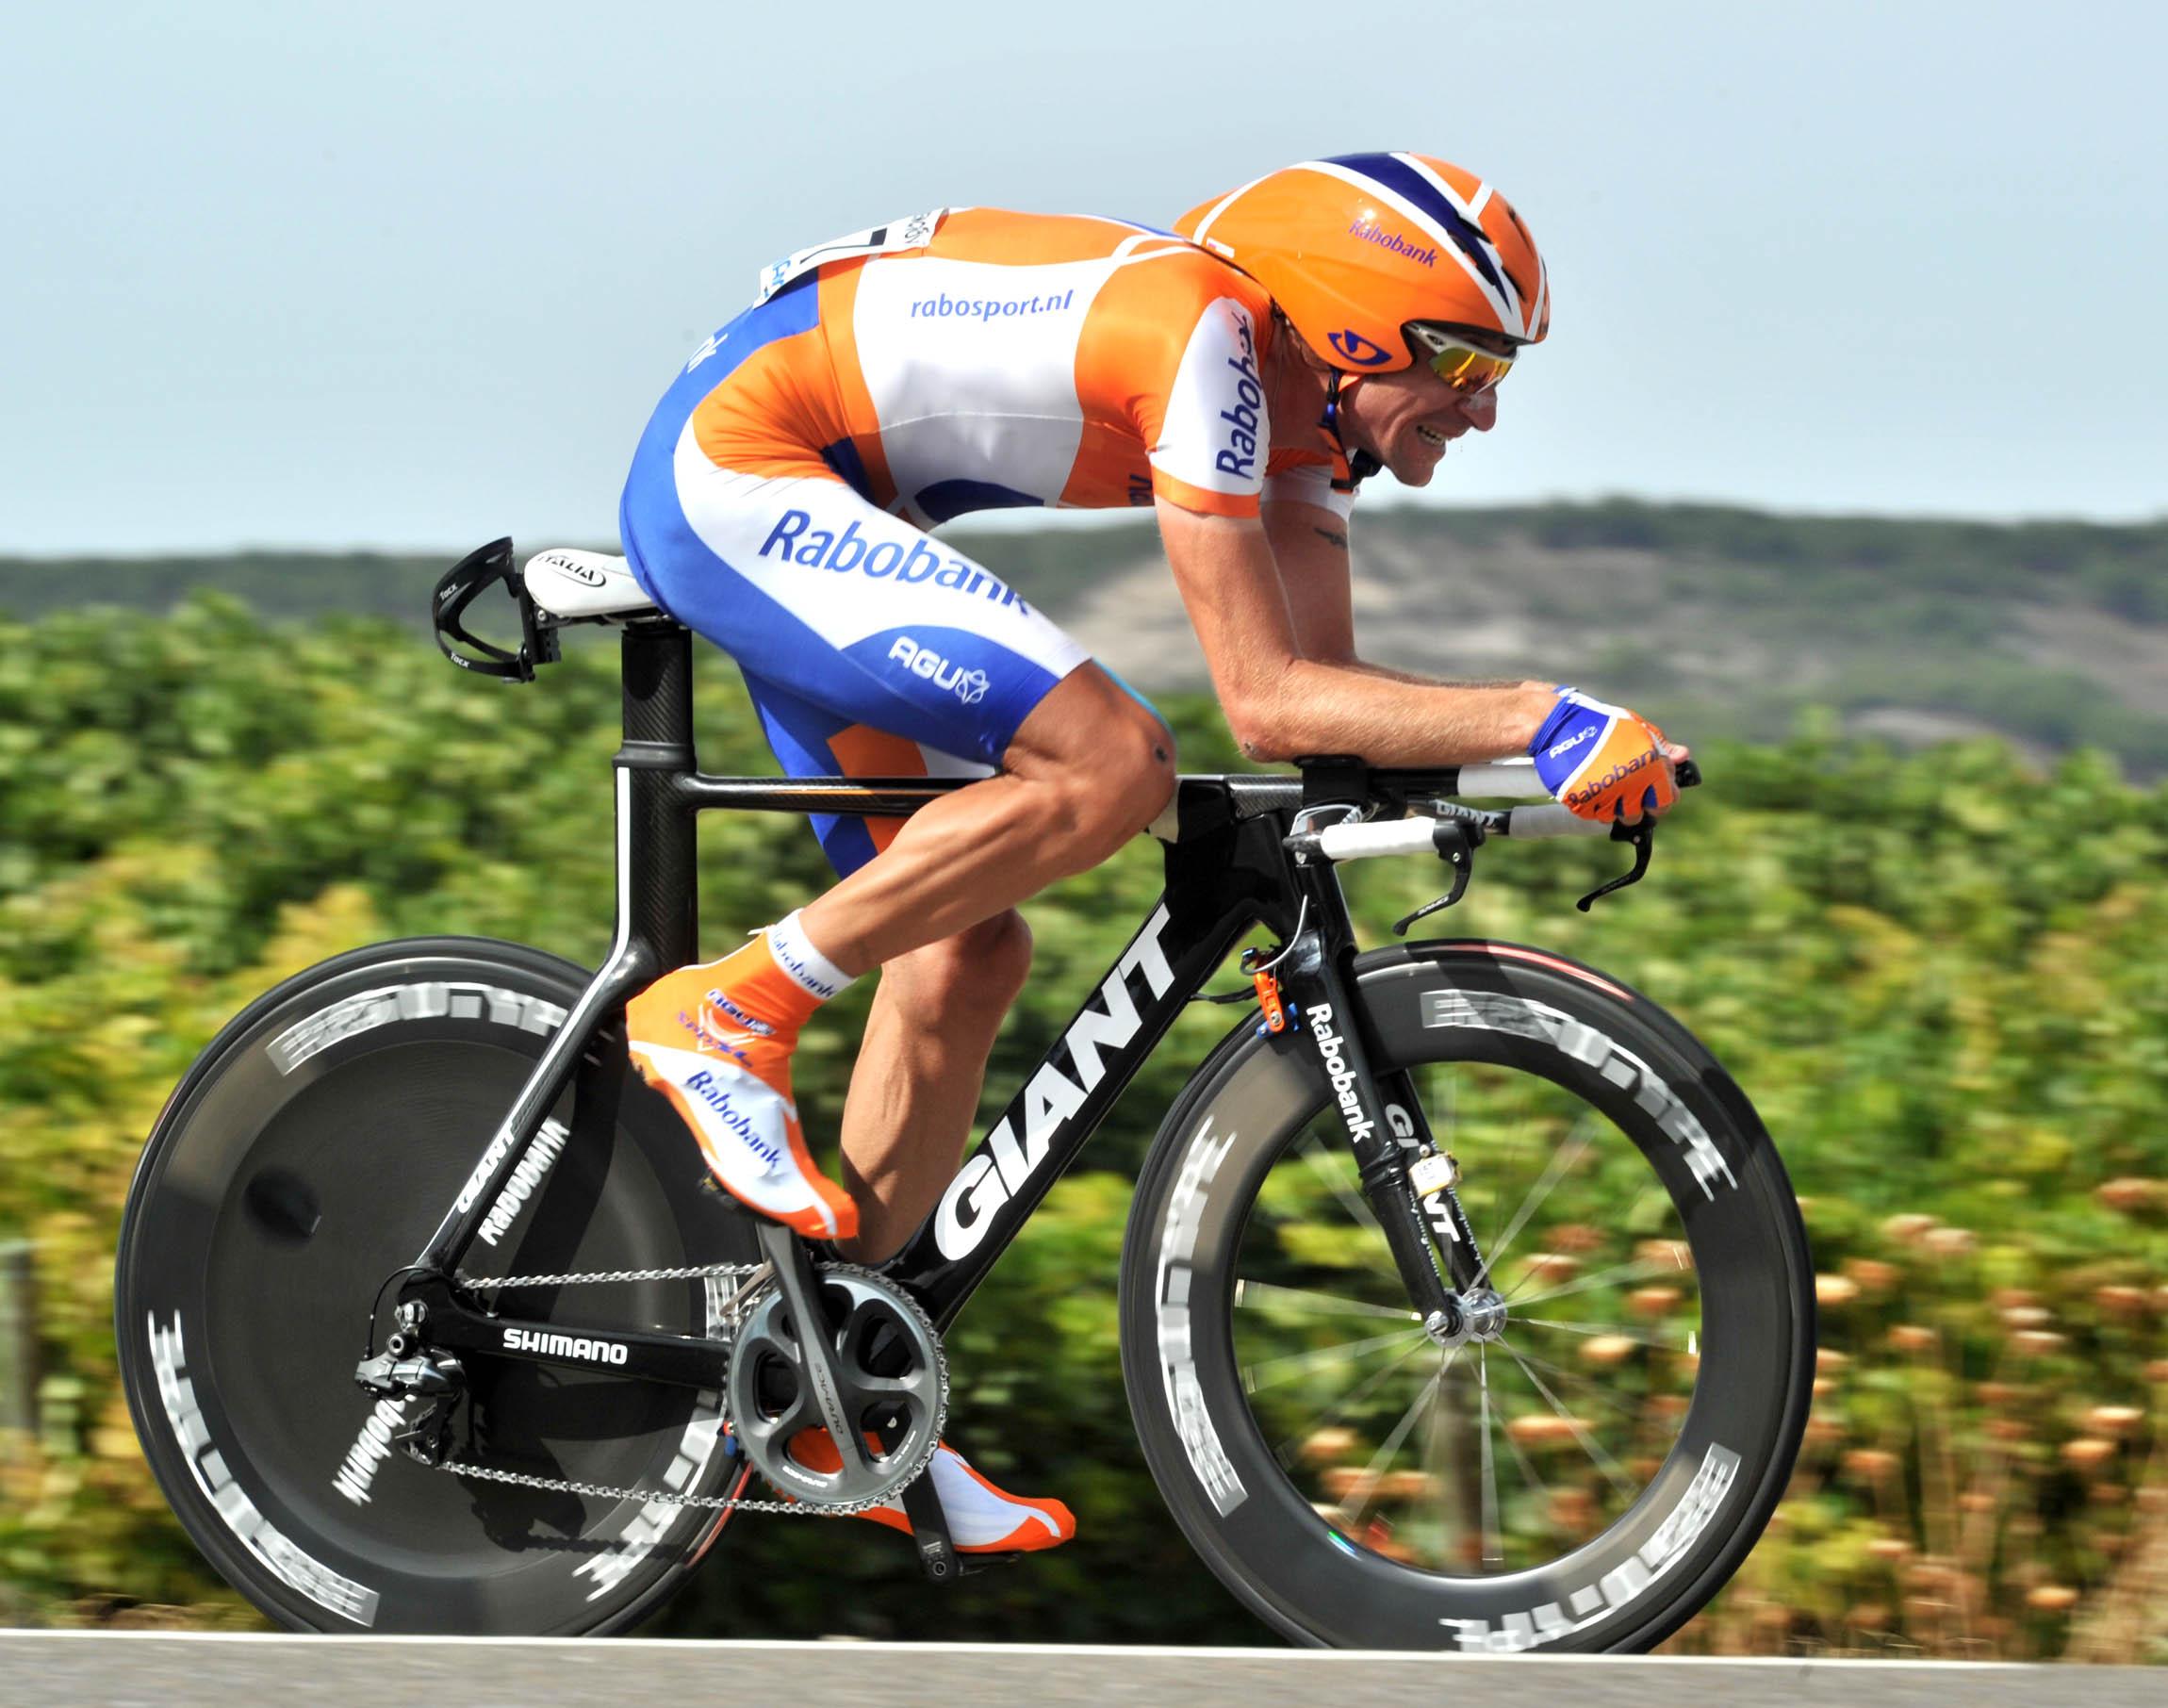 Denis Menchov, Vuelta a Espana 2010, stage 17 ITT